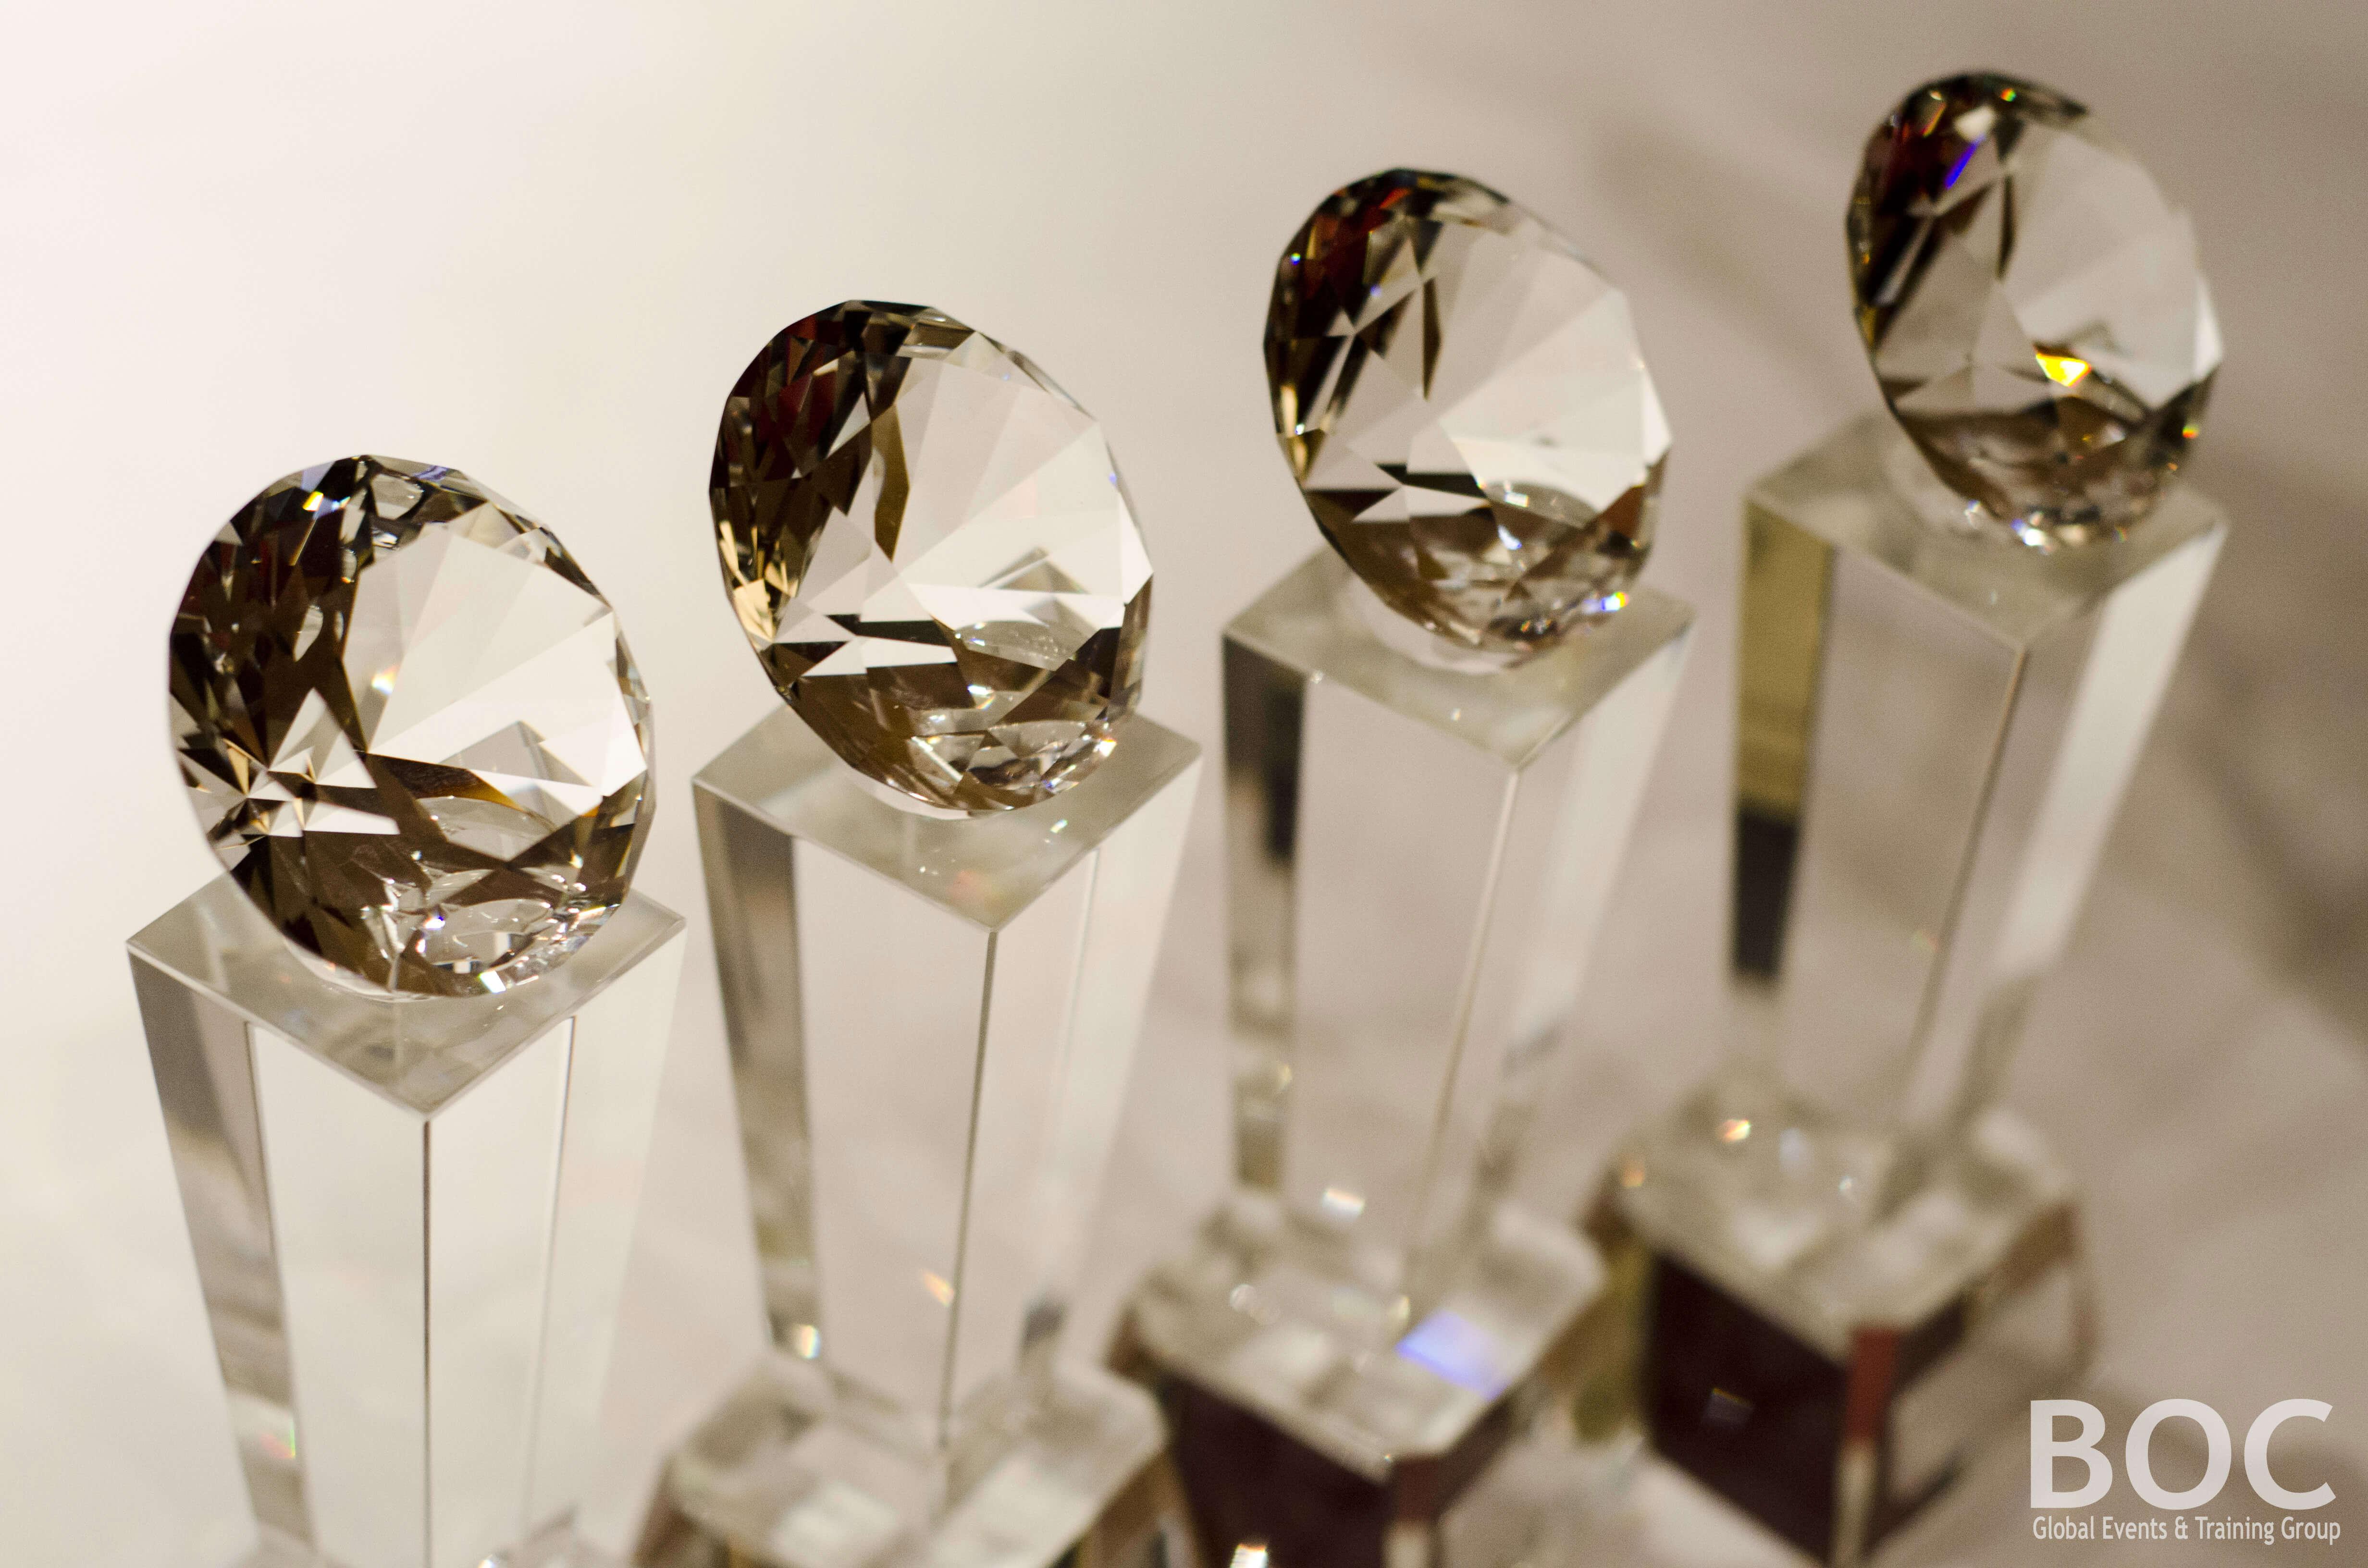 Business Brilliance Awards UK - BOC UK